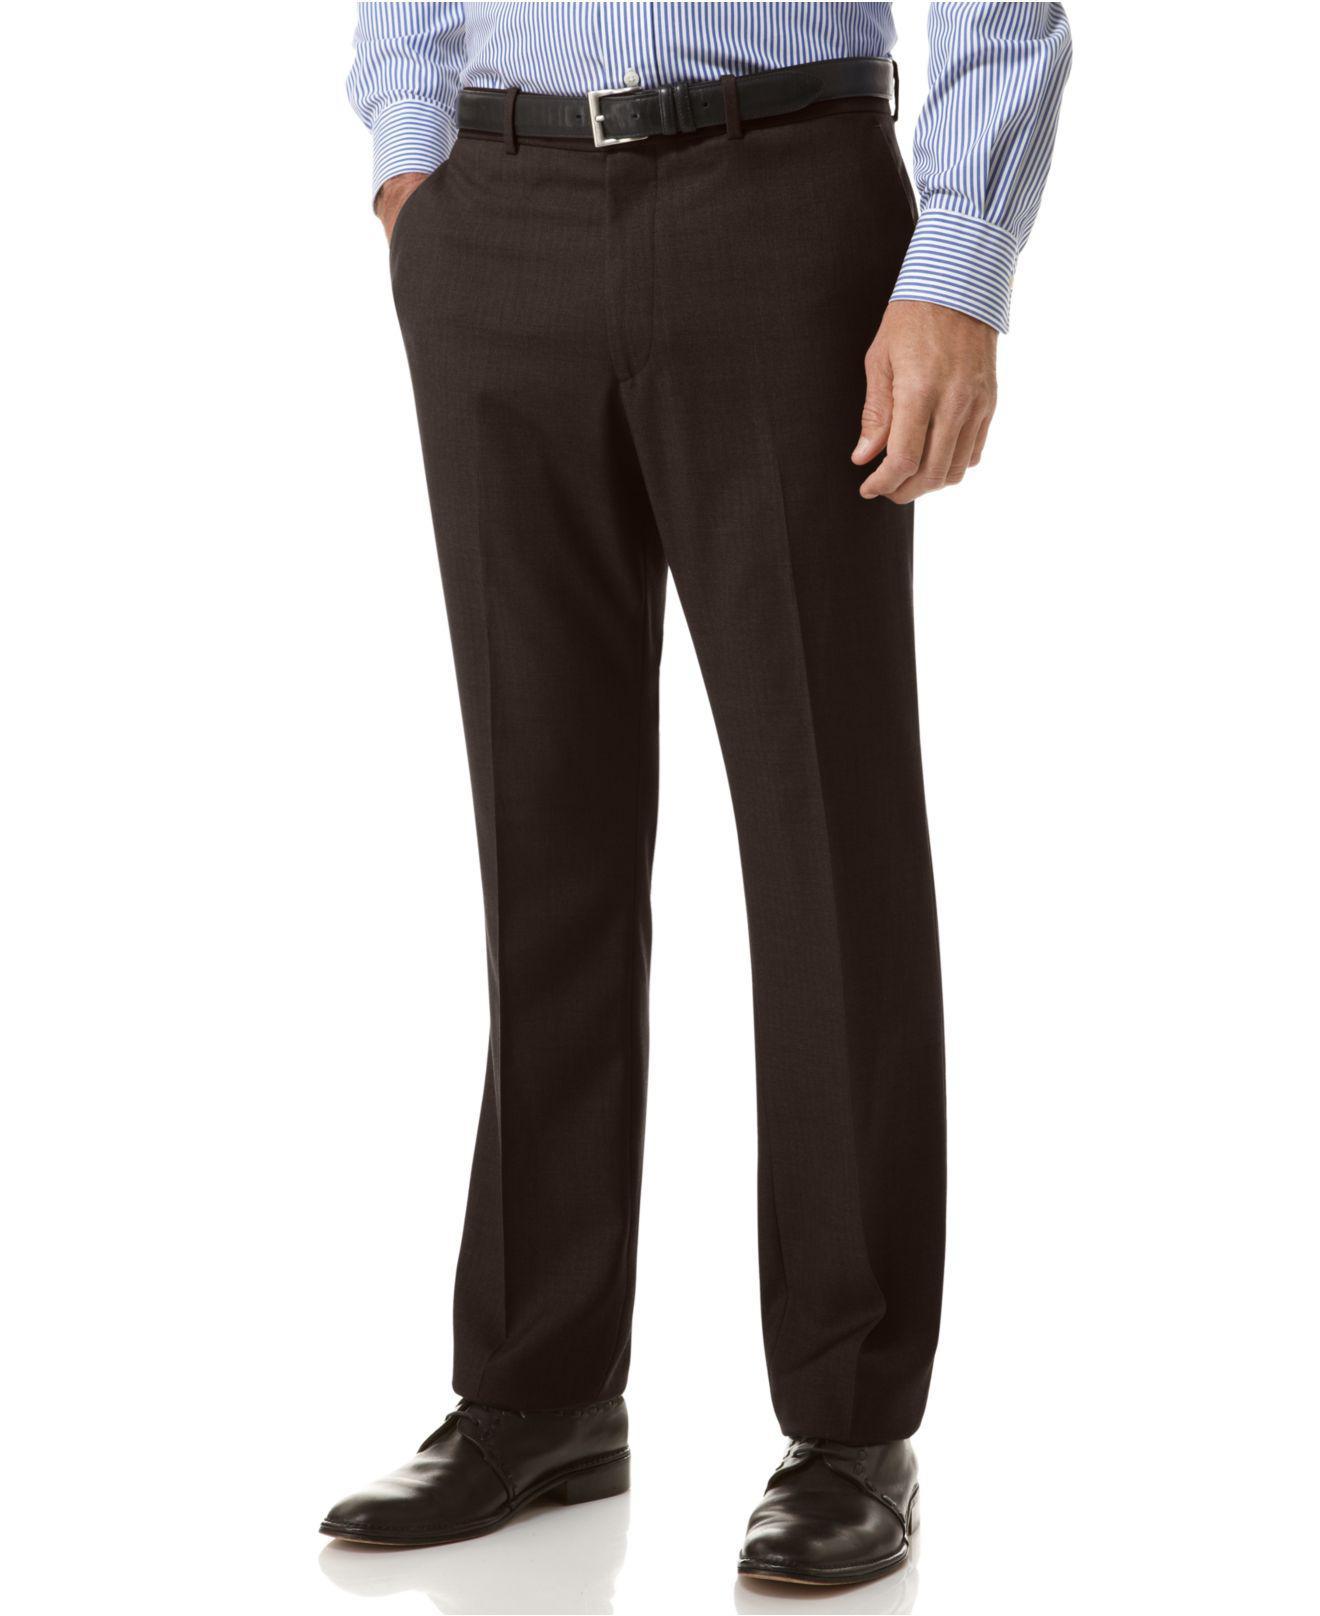 767449b83d Perry Ellis - Multicolor Portfolio Slim Fit Flat Front No-iron Dress Pants  for Men